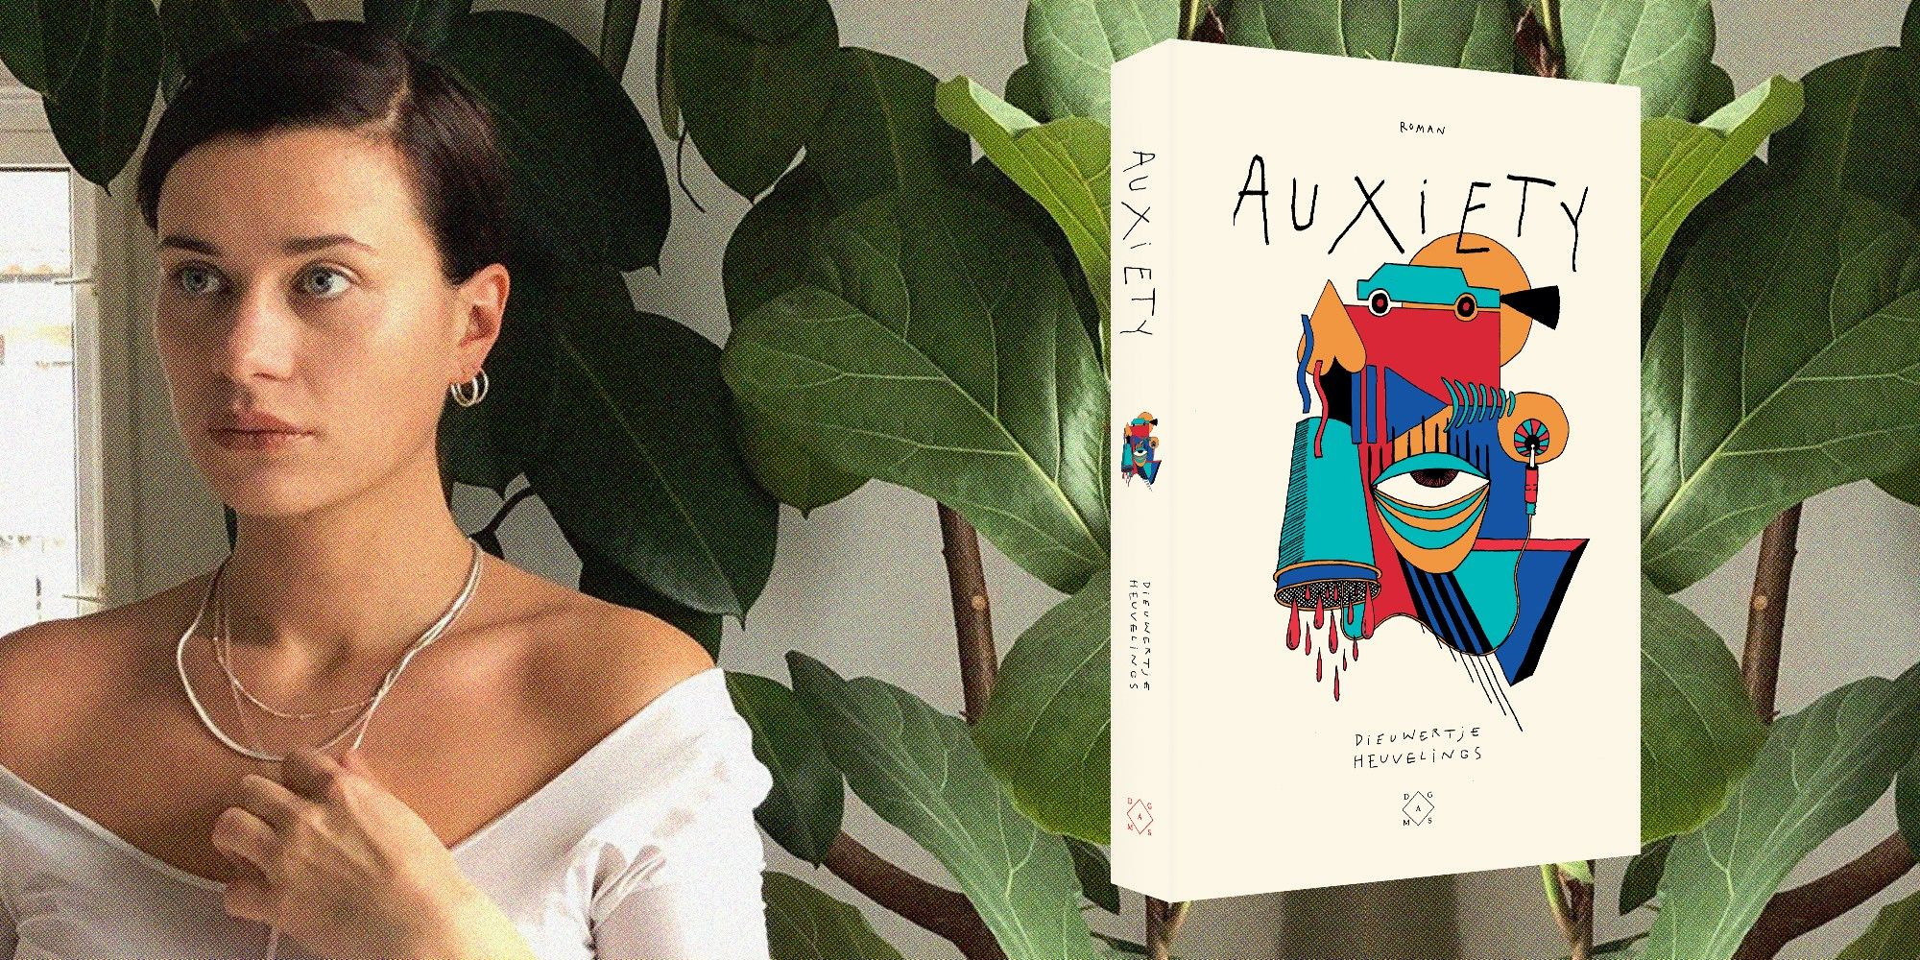 Dieuwertje Heuvelings geeft een kijkje achter de schermen van de streaming industrie met haar nieuwe boek